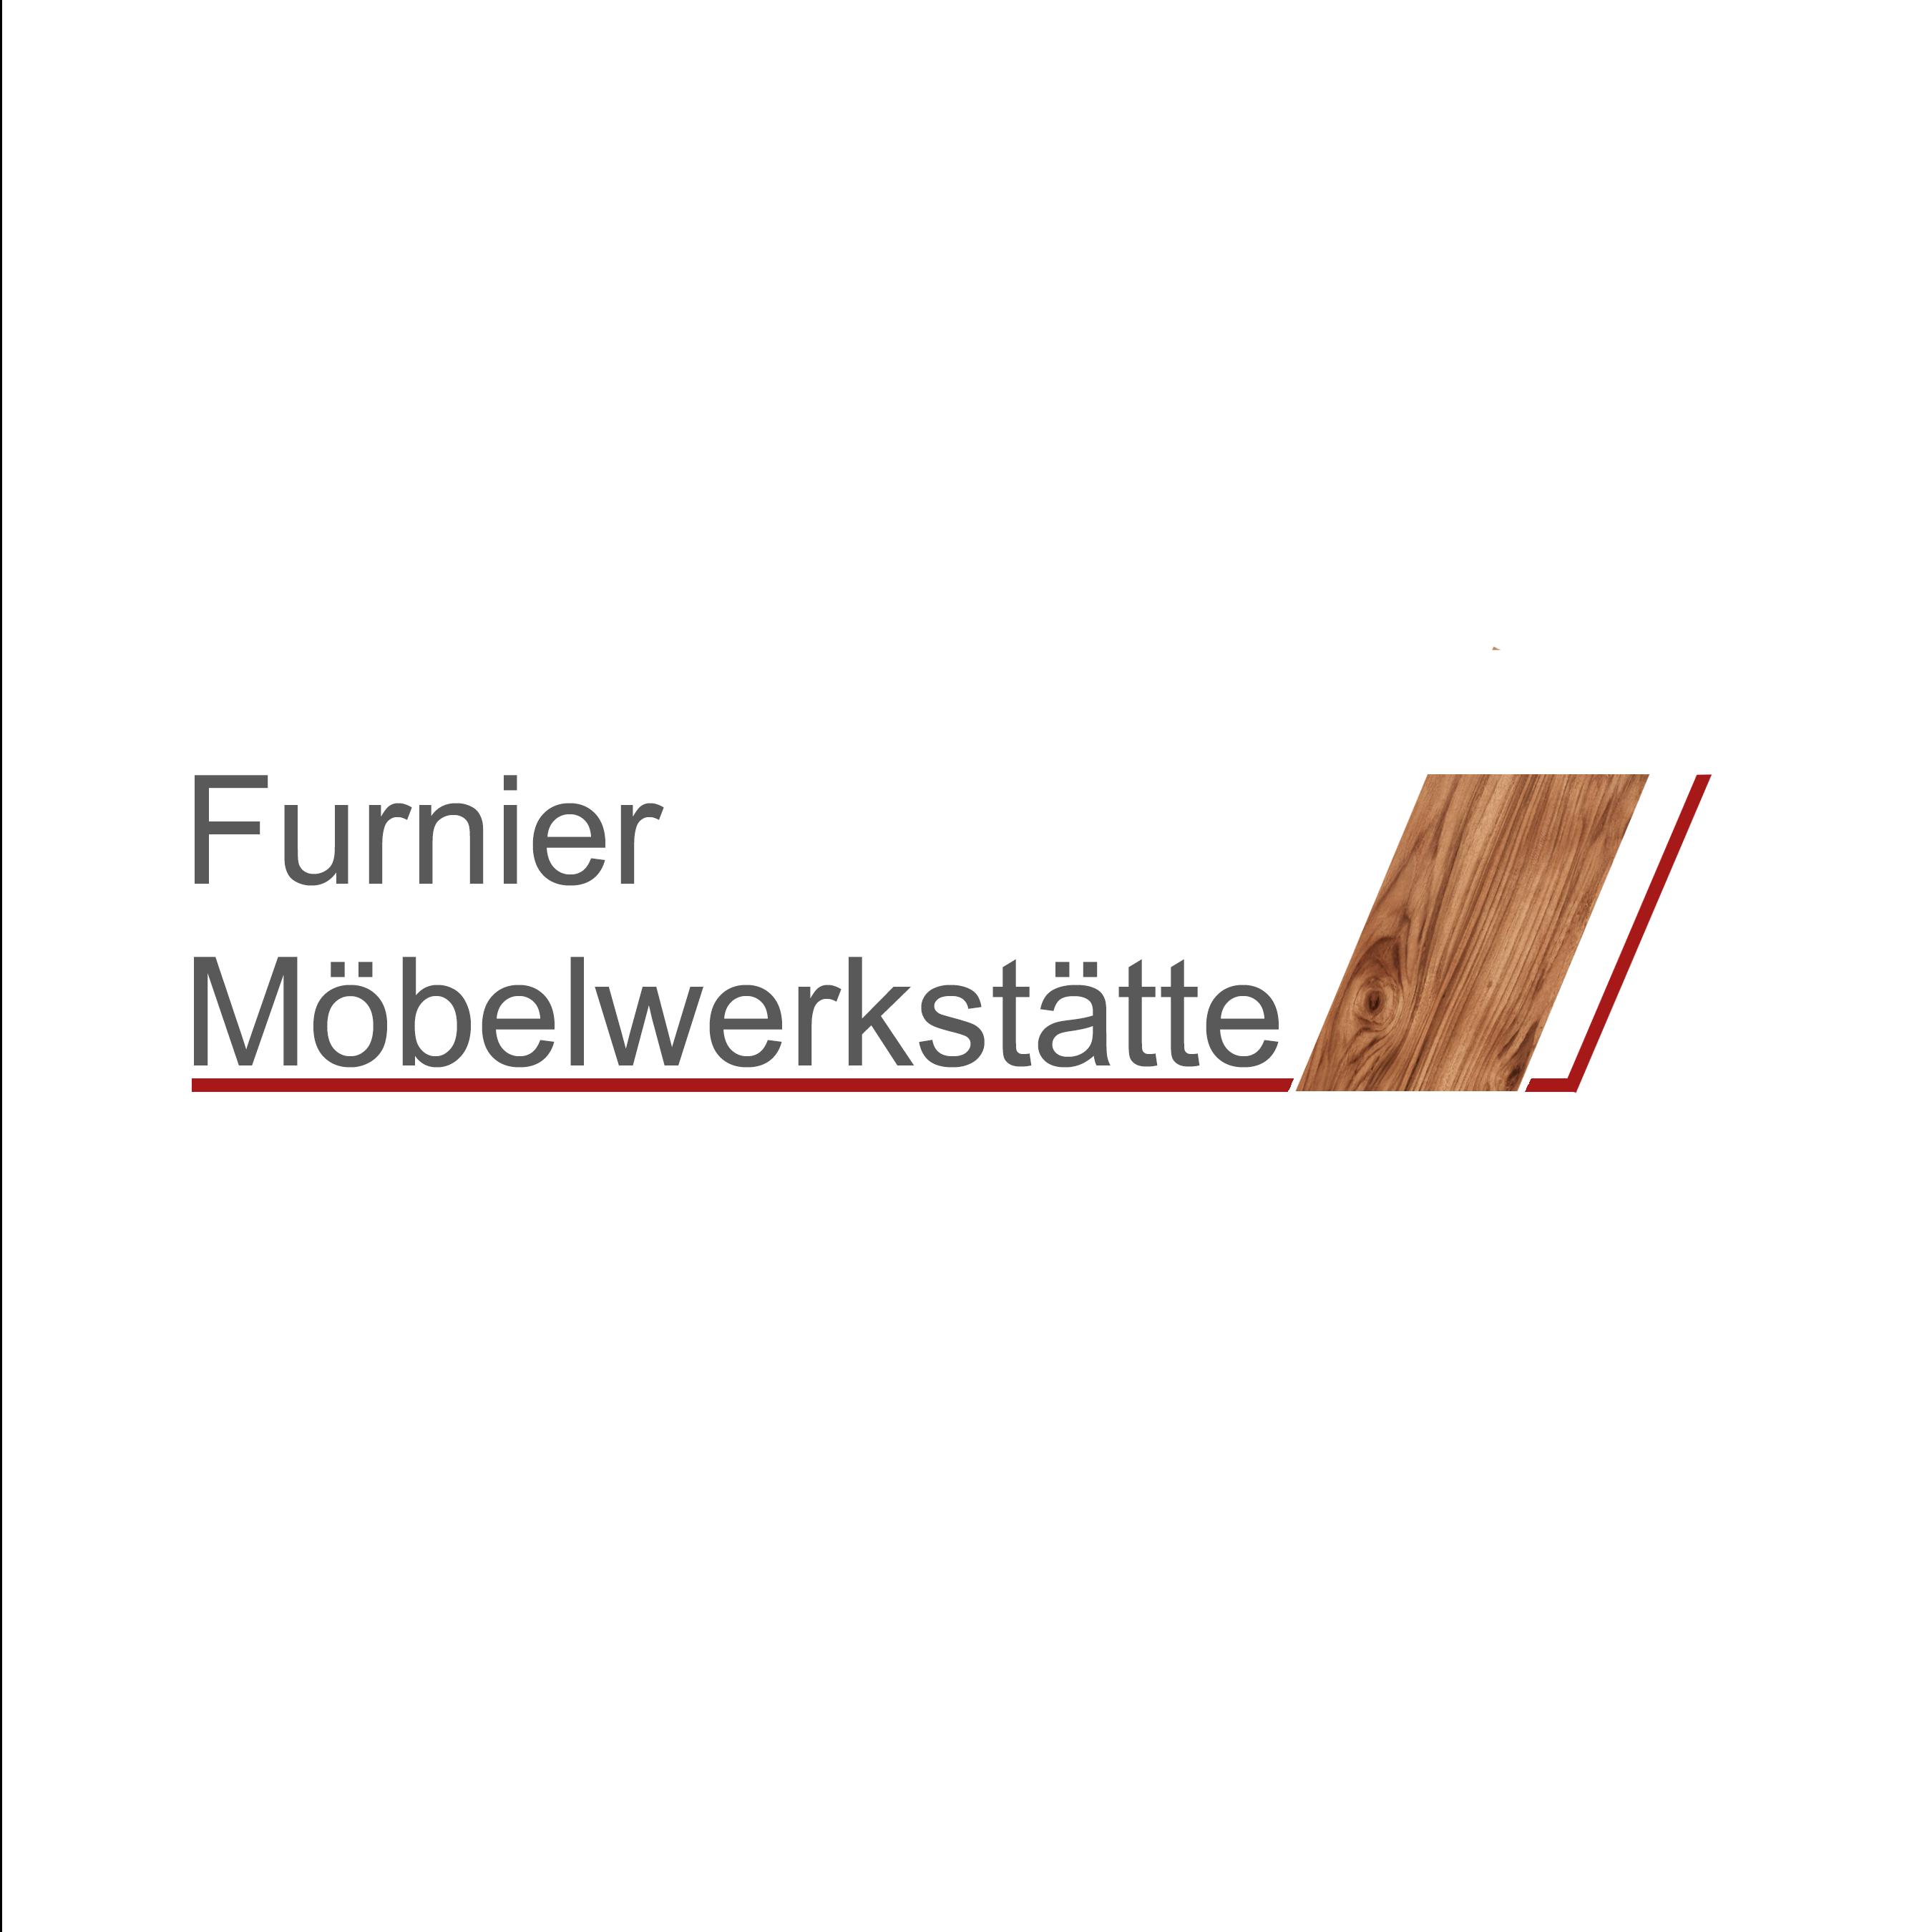 Möbelwerkstätte Furnier GmbH & Co.KG